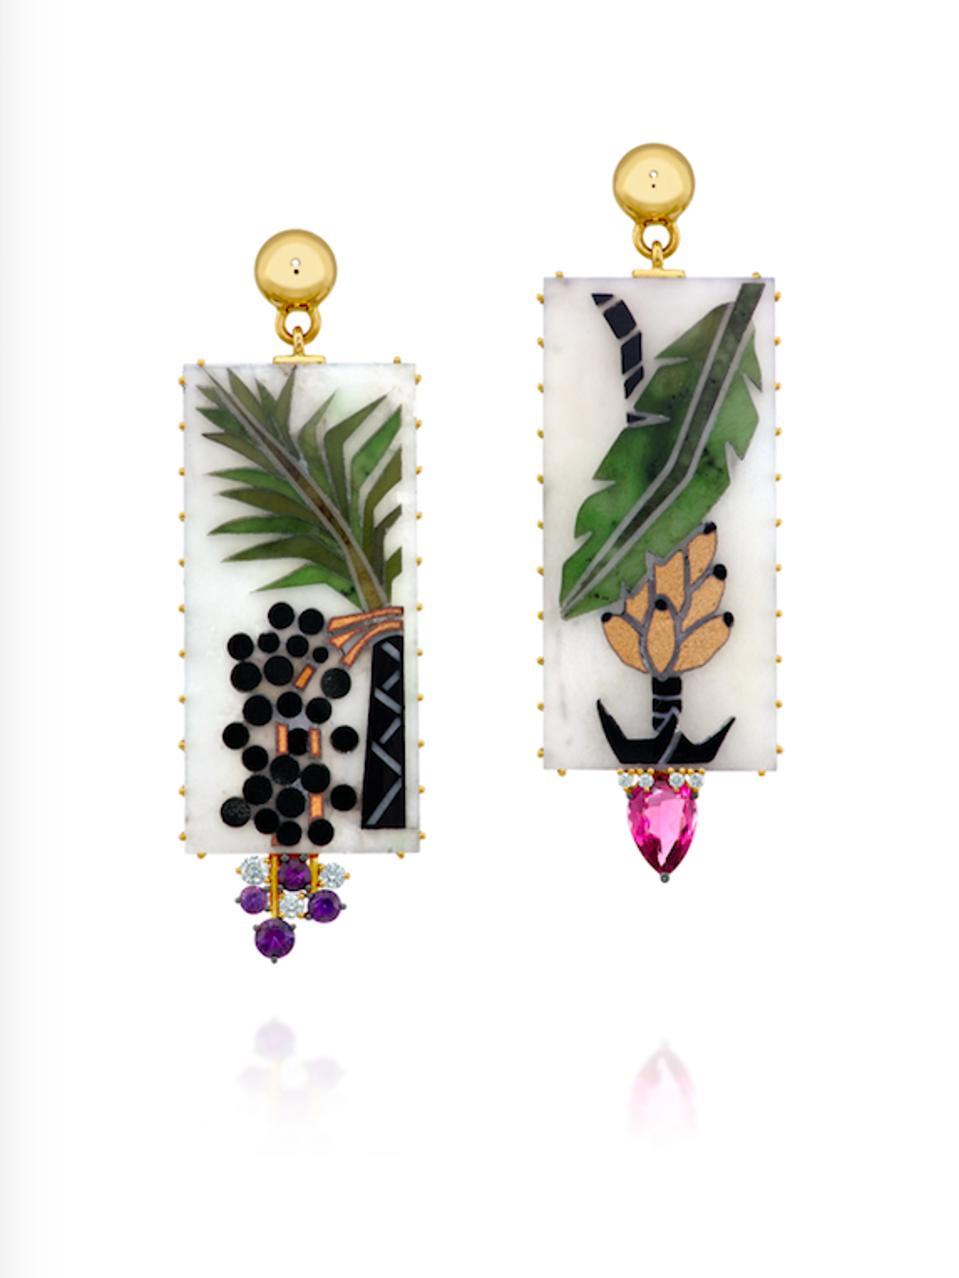 Bananarama earrings by Souer